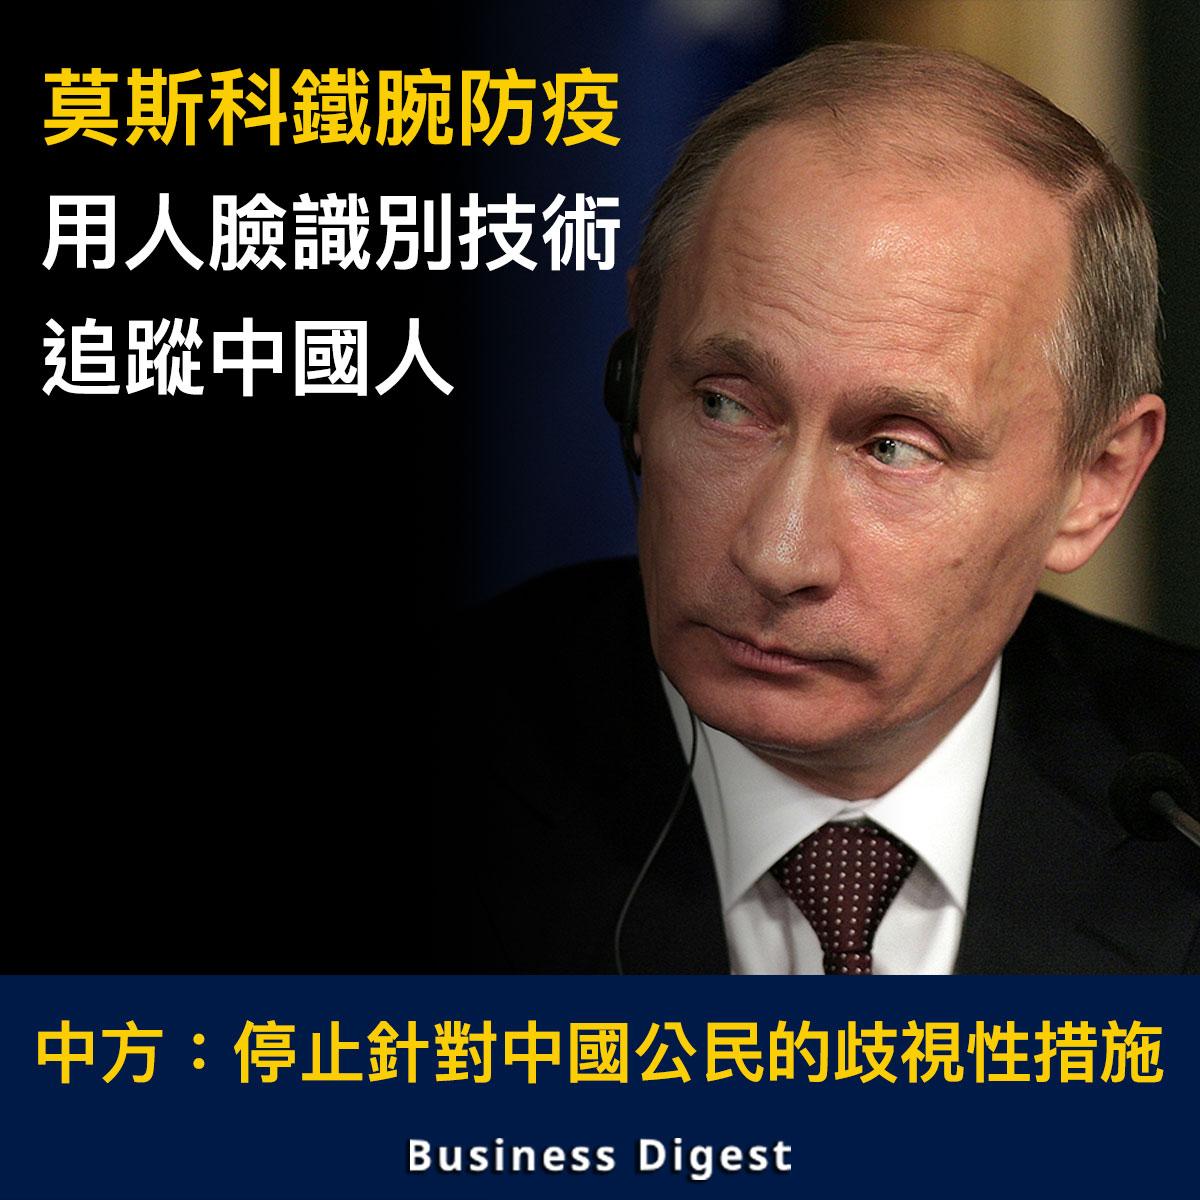 【武漢肺炎】莫斯科用人臉識別技術追蹤中國人,中方籲停止歧視